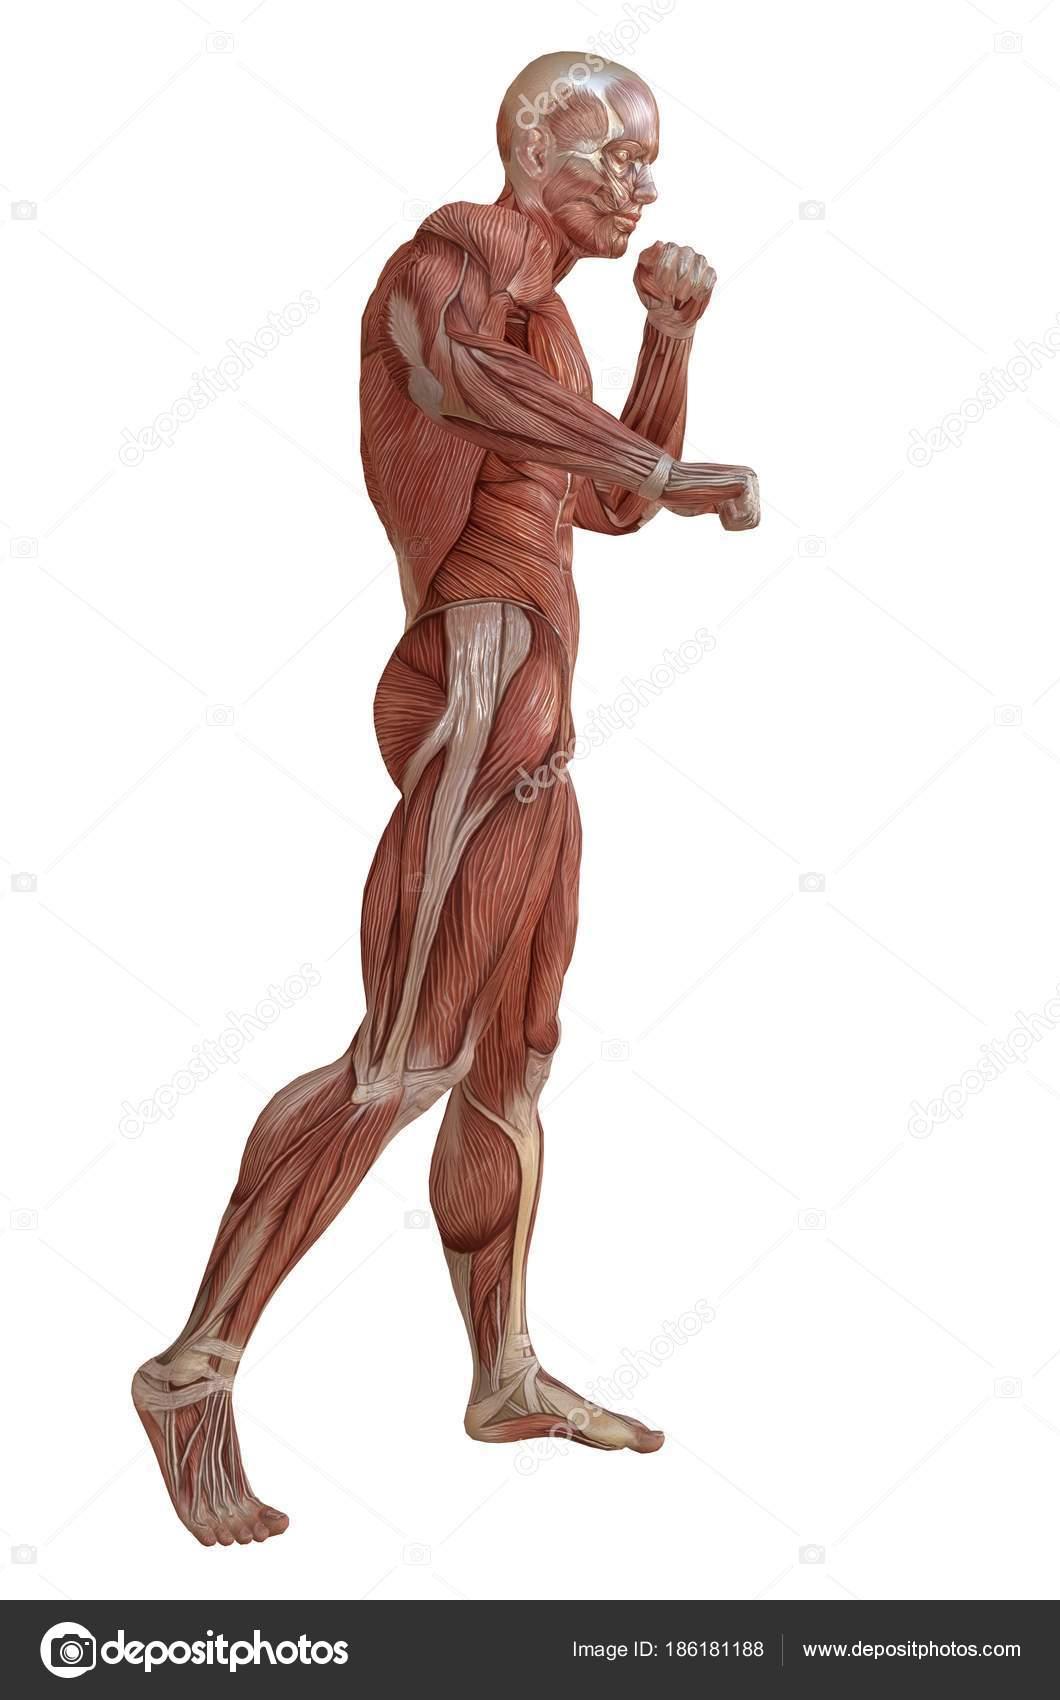 Männlichen Körper ohne Haut, Anatomie und Muskeln 3D-Illustration ...